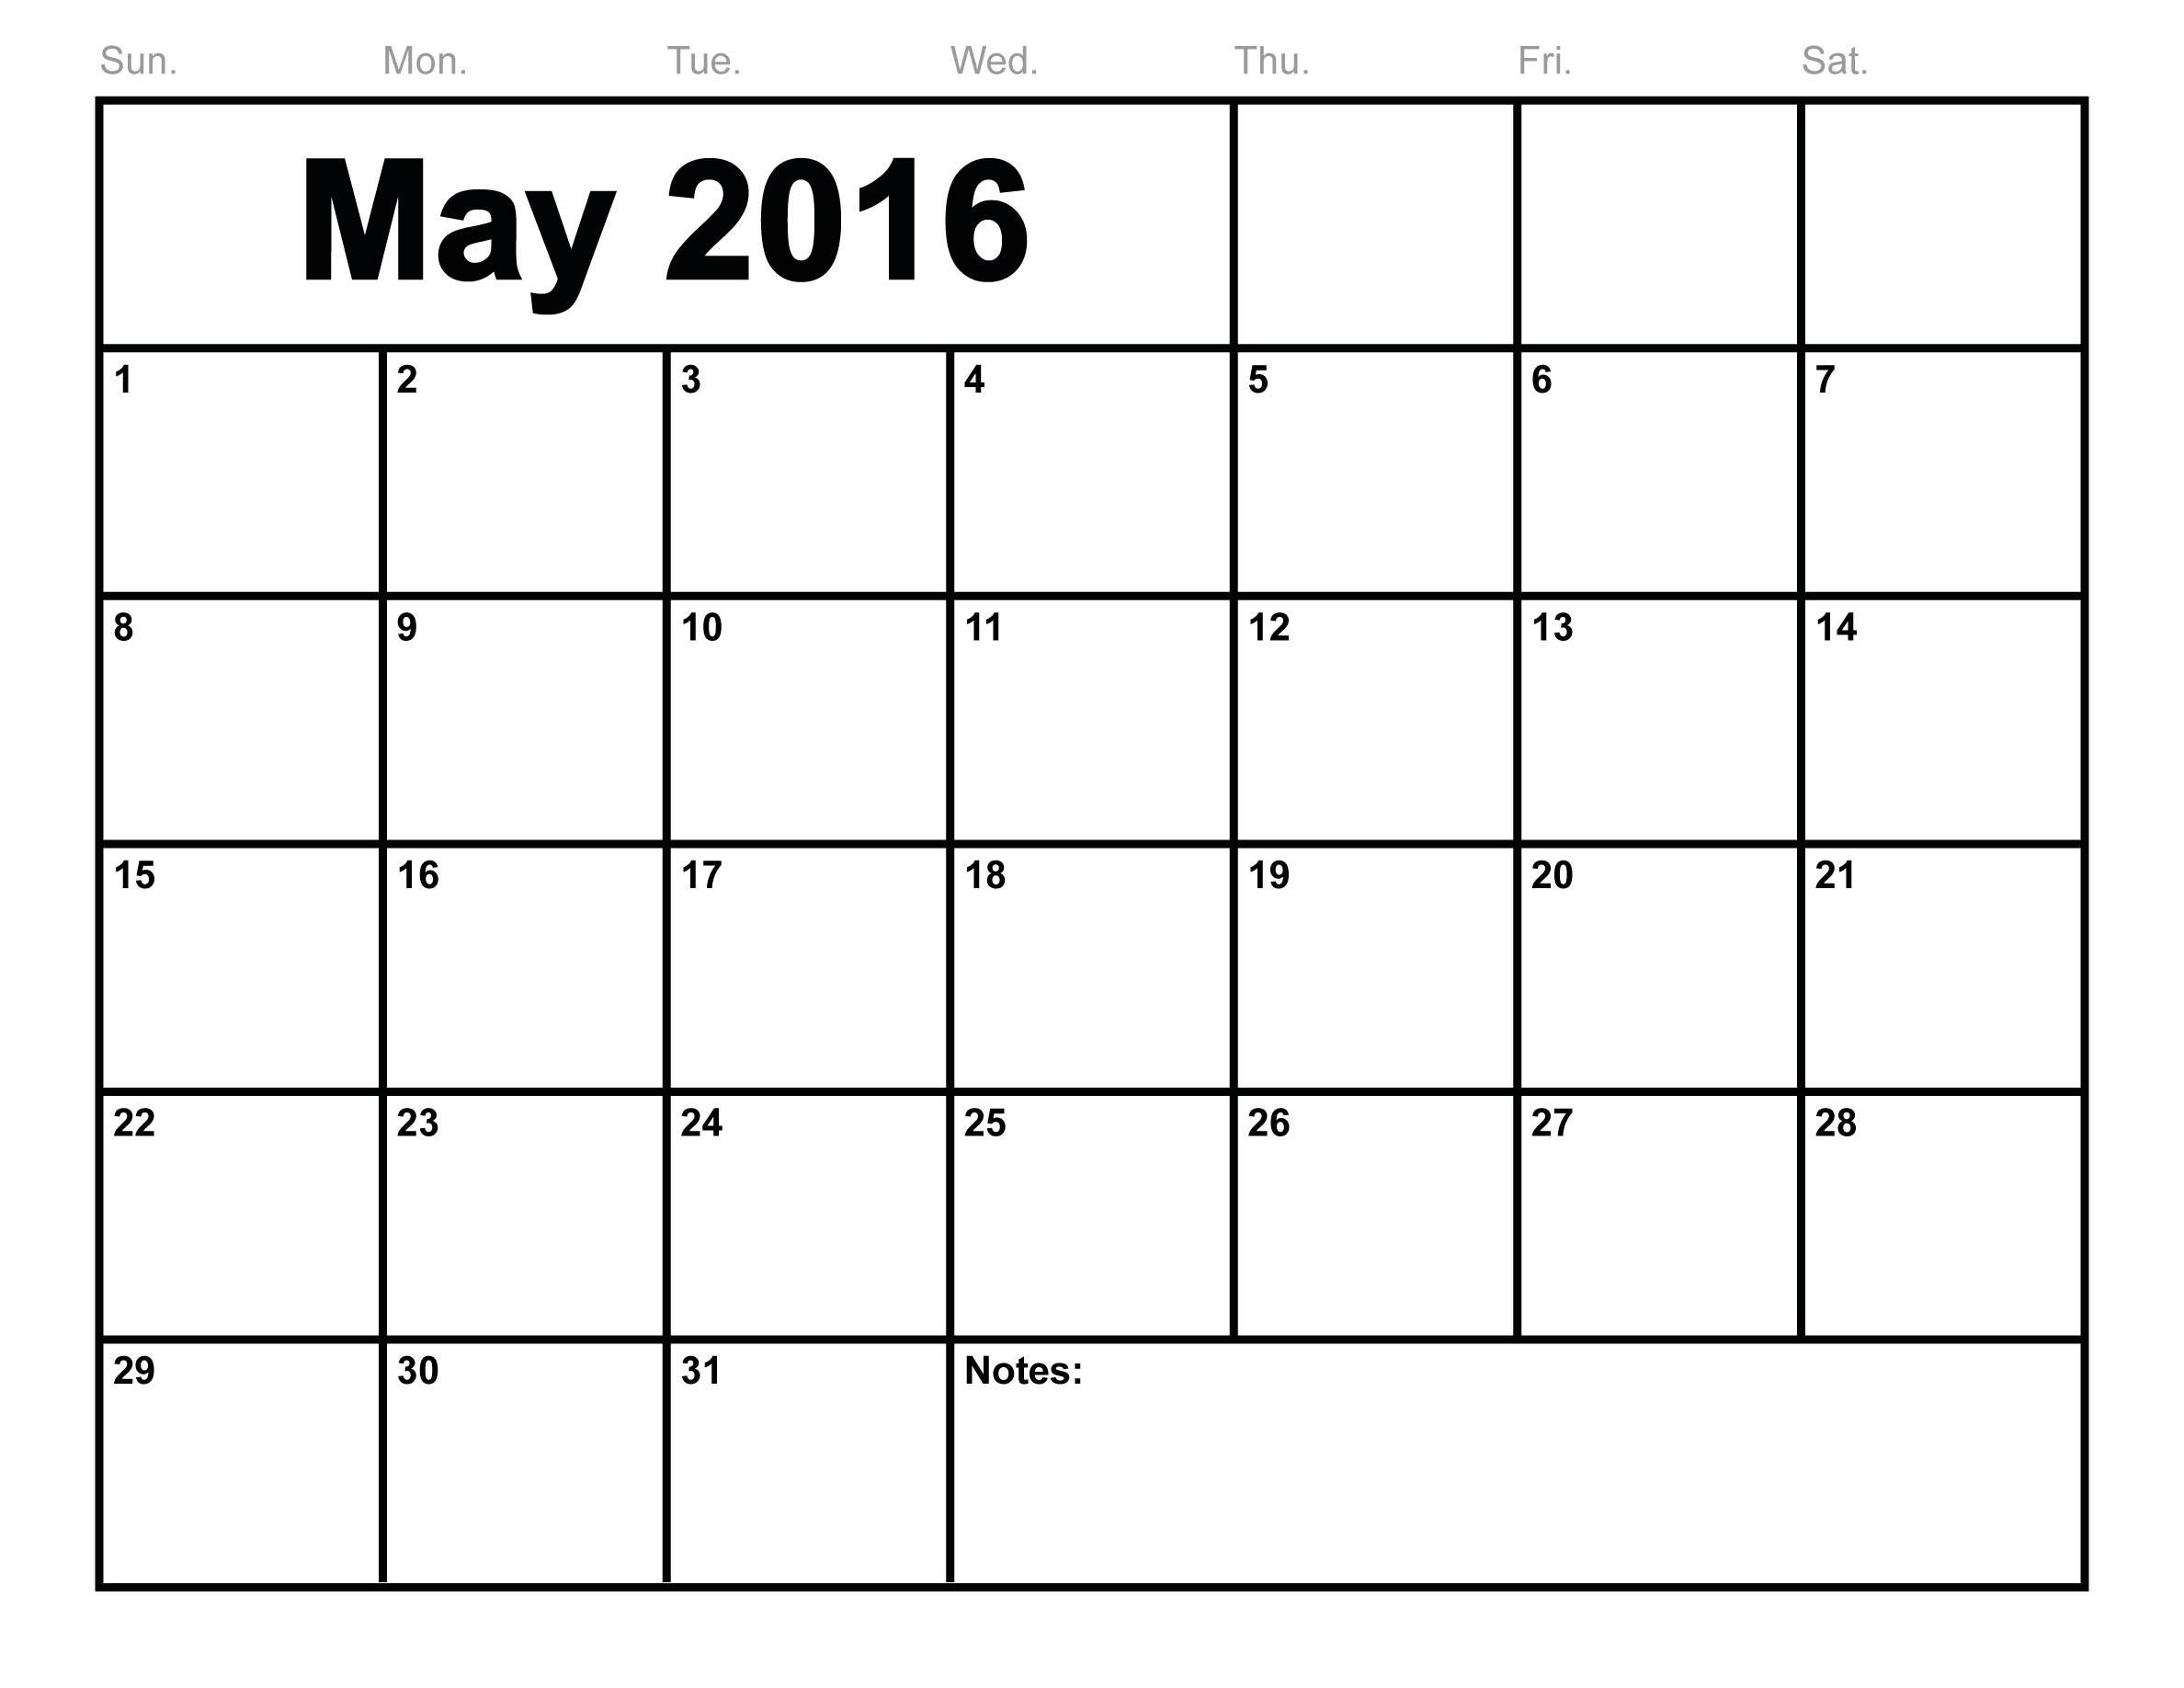 Free Printable Calendar Beaucal | Ten Free Printable Calendar 2020-2021